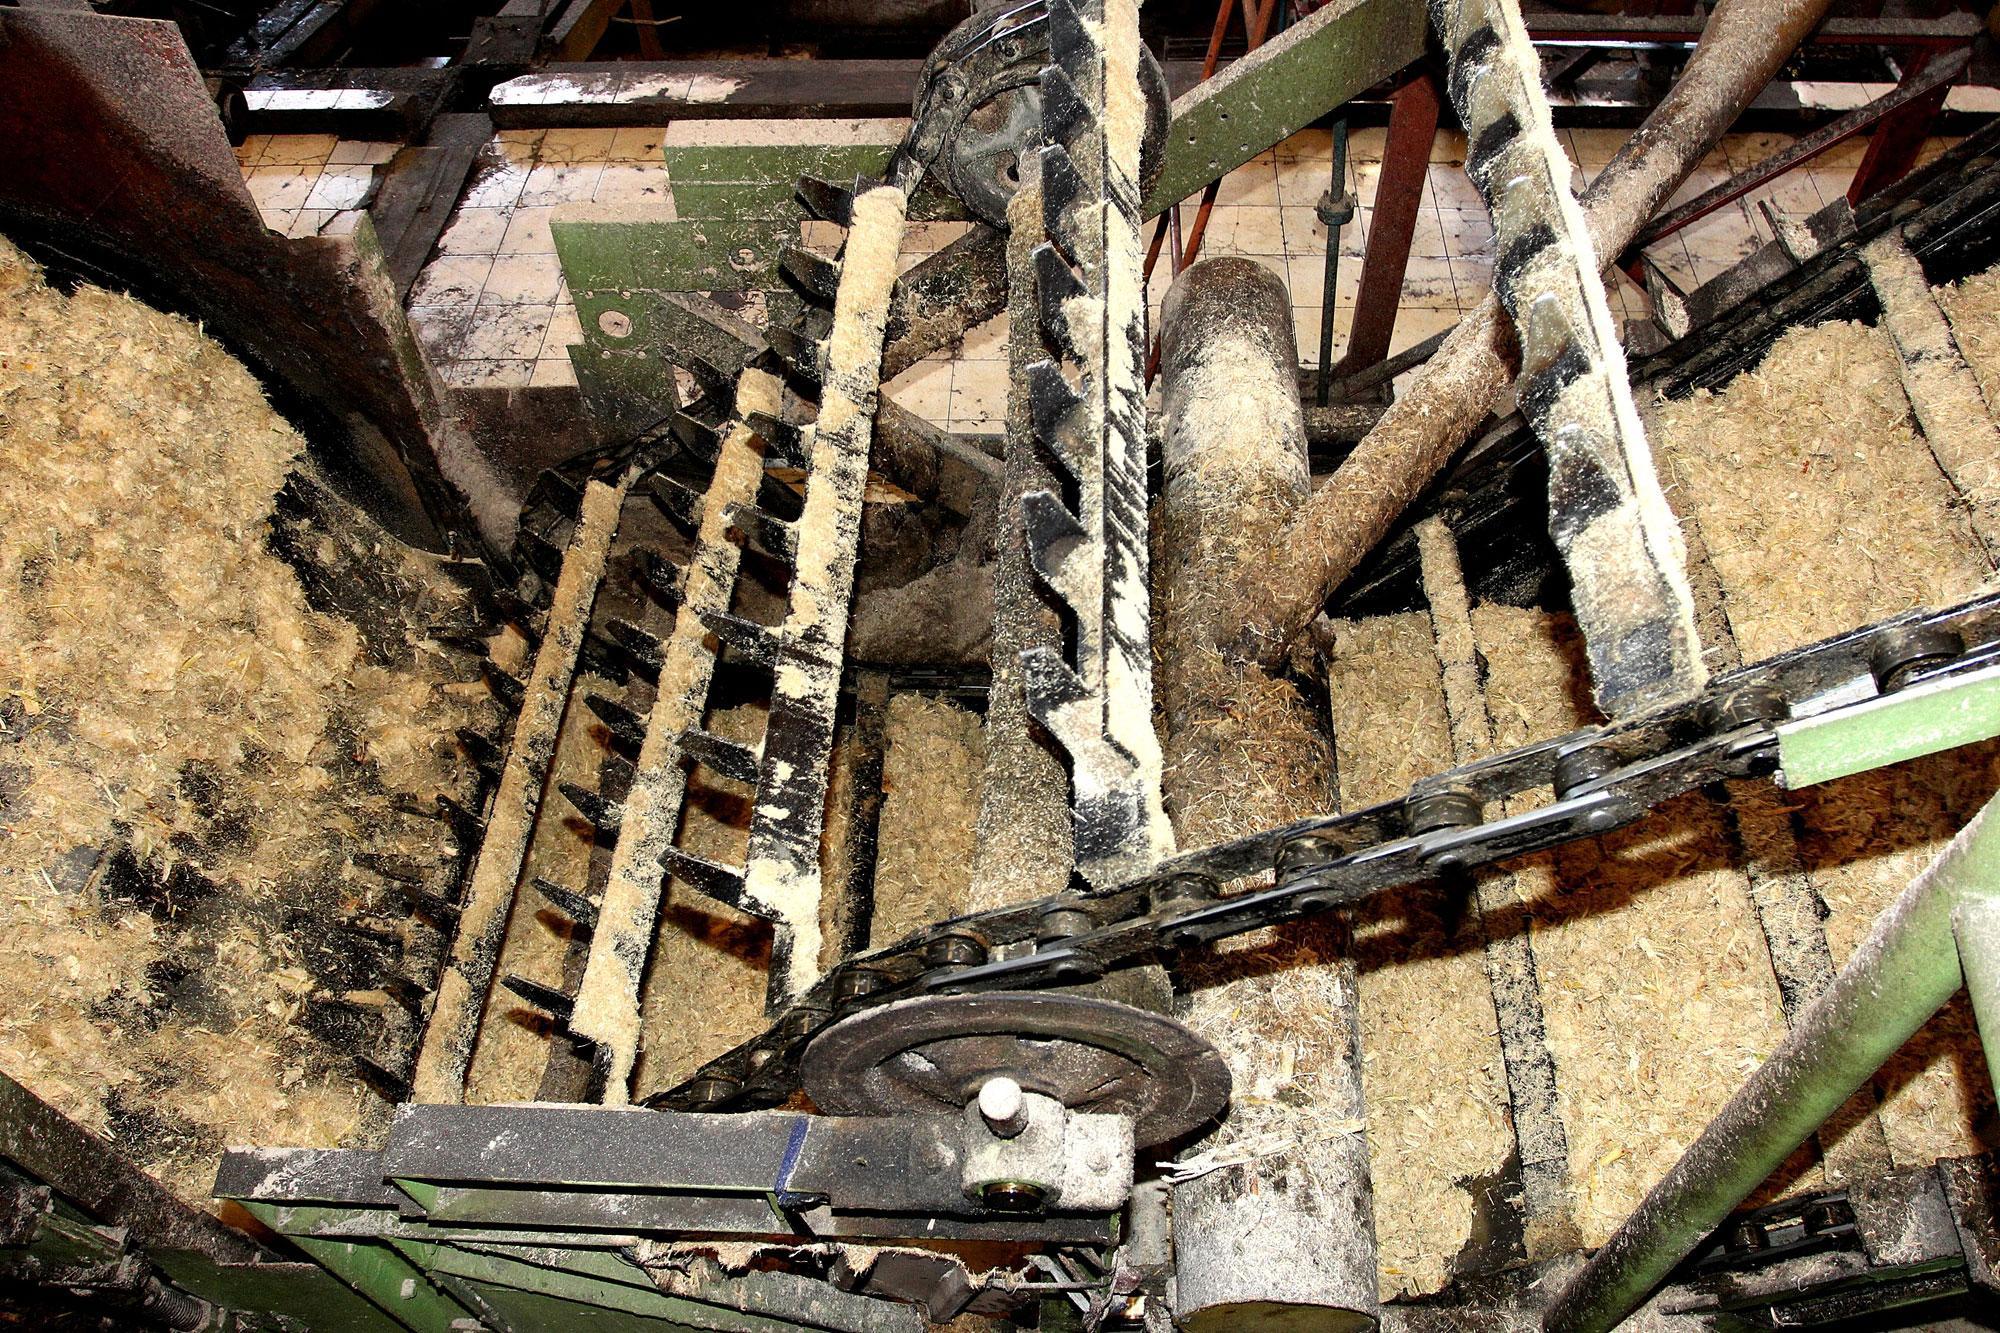 Proses penggilingan tebu di pabrik gula Sindanglaut yang berkapasitas giling 12.000 ton cane per day (TCD), di Cirebon, Jawa Barat, (16/10). Secara korporasi PG Rajawali II sampai dengan saat ini sudah memproduksi hampir sekitar 90.000 ton gula, naik 16 p